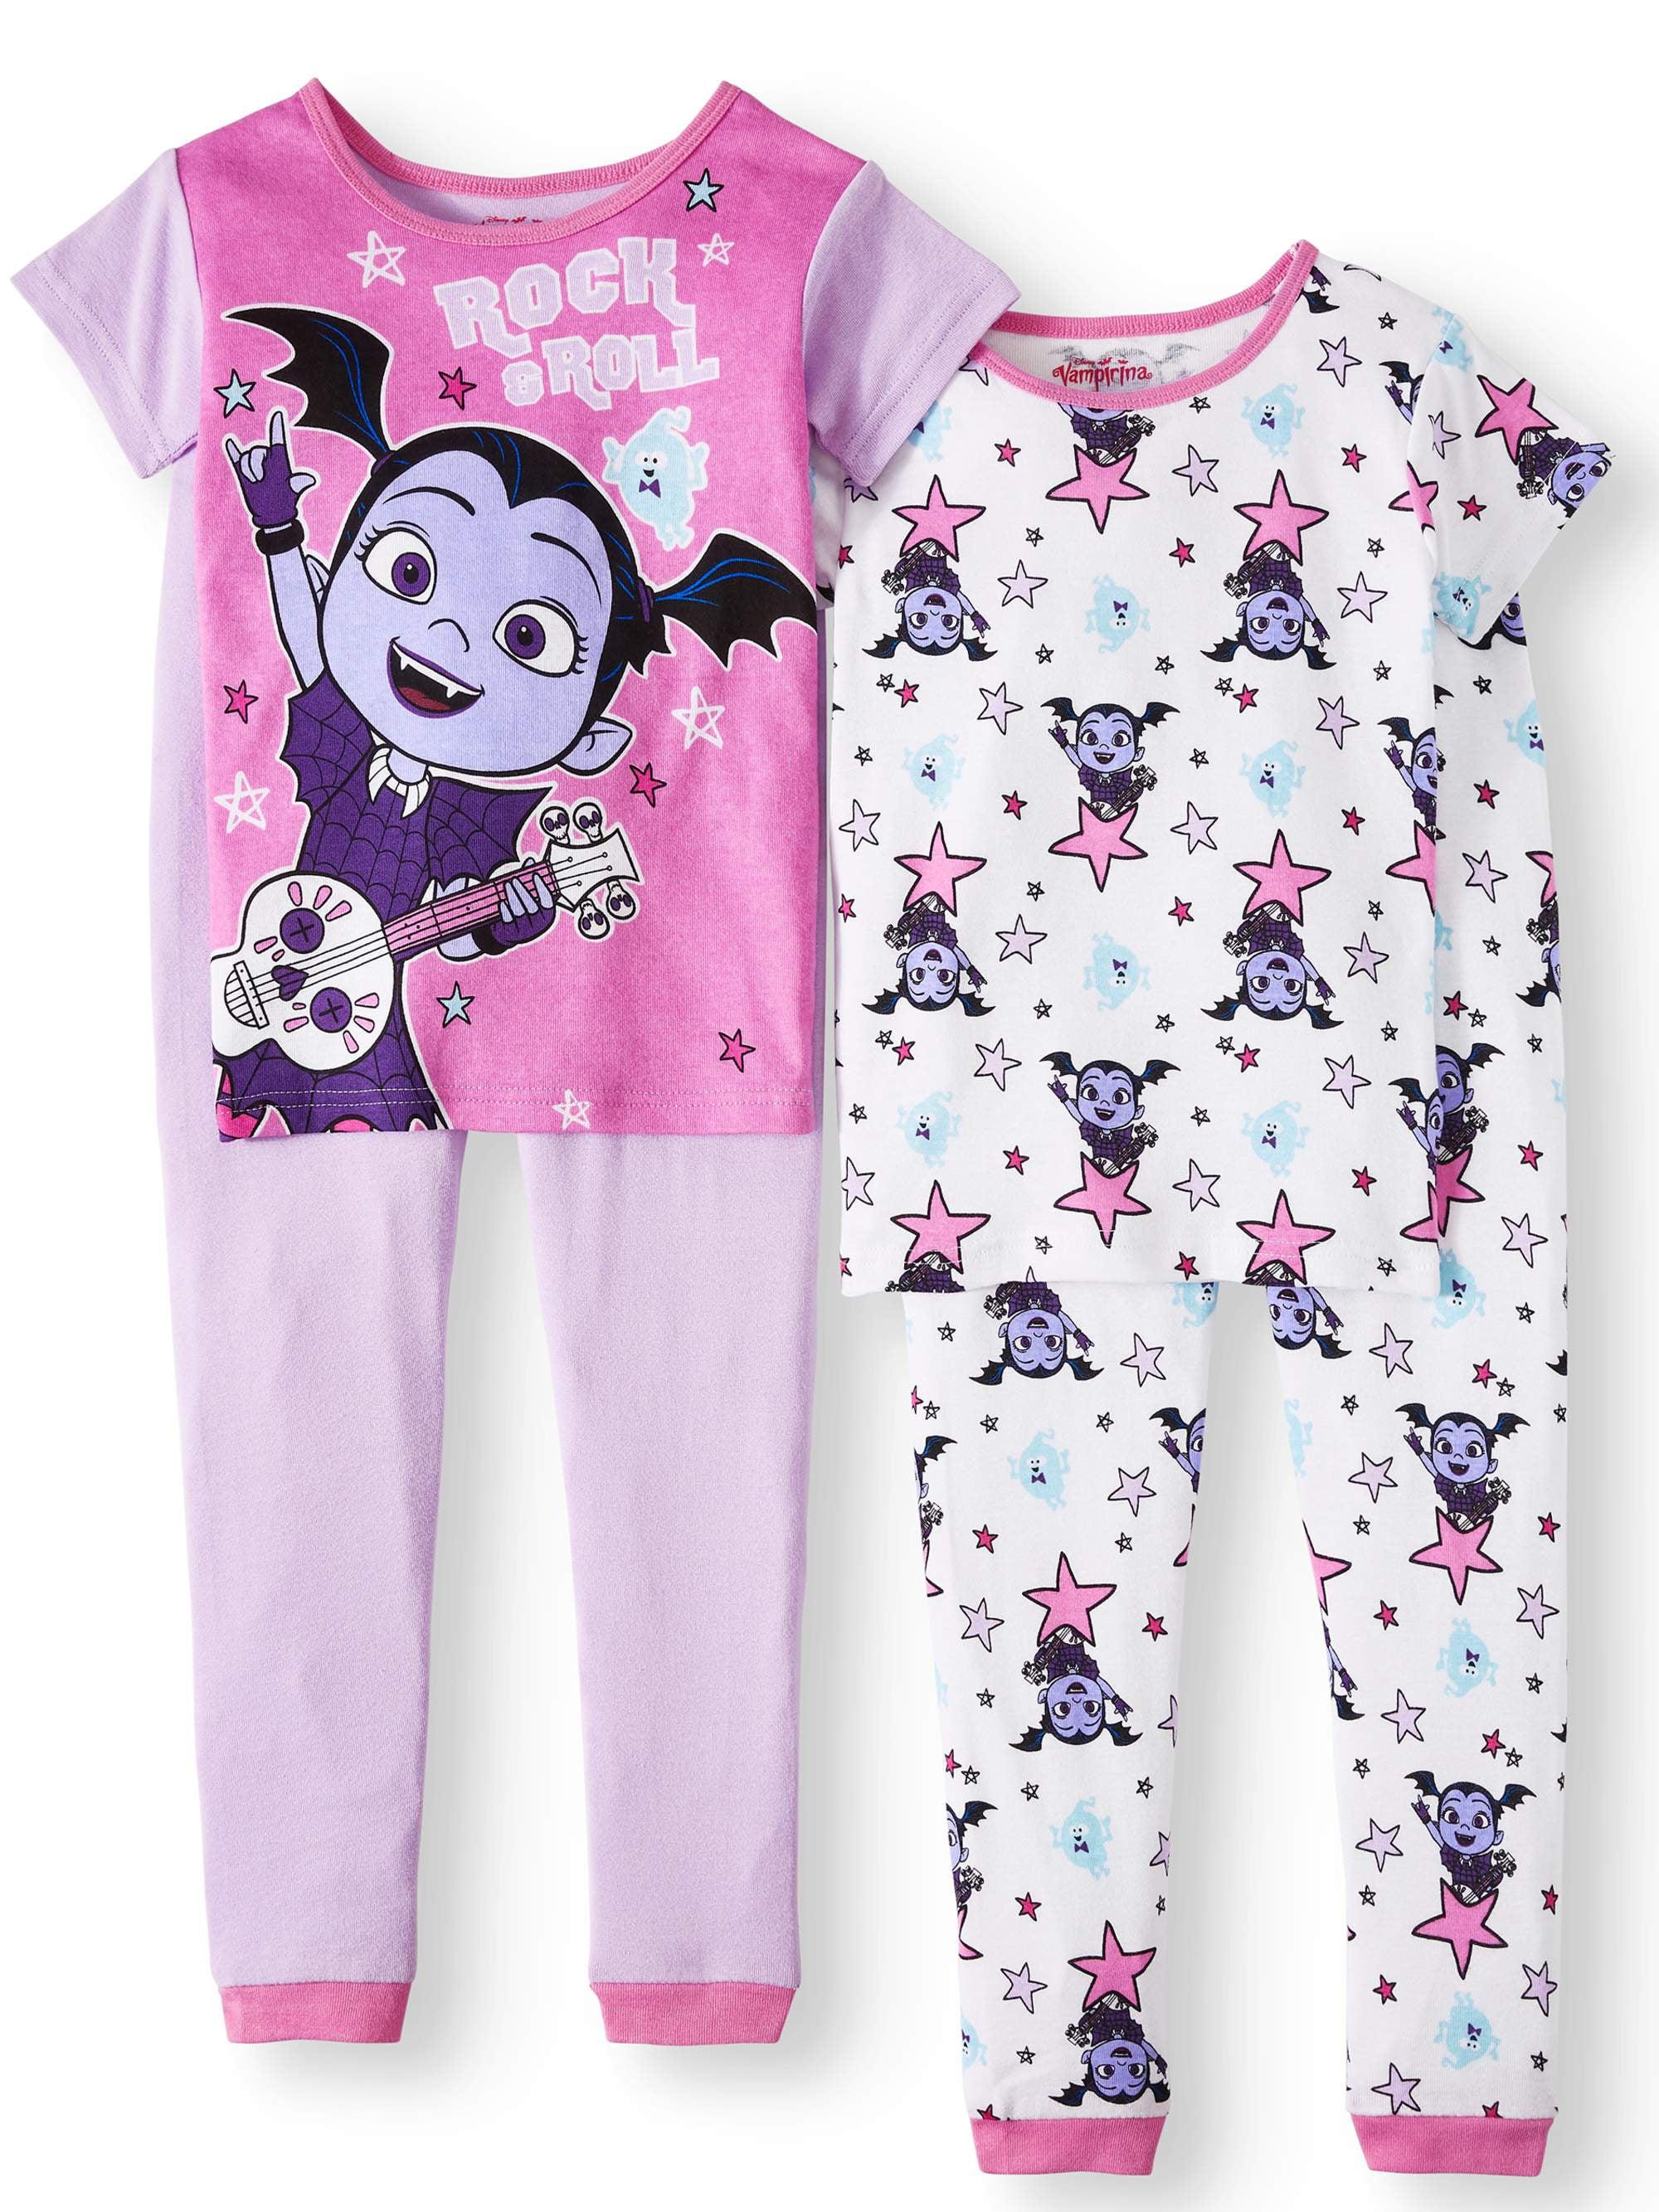 Vampirina Girls' 4-Piece Pajama Sleep Set